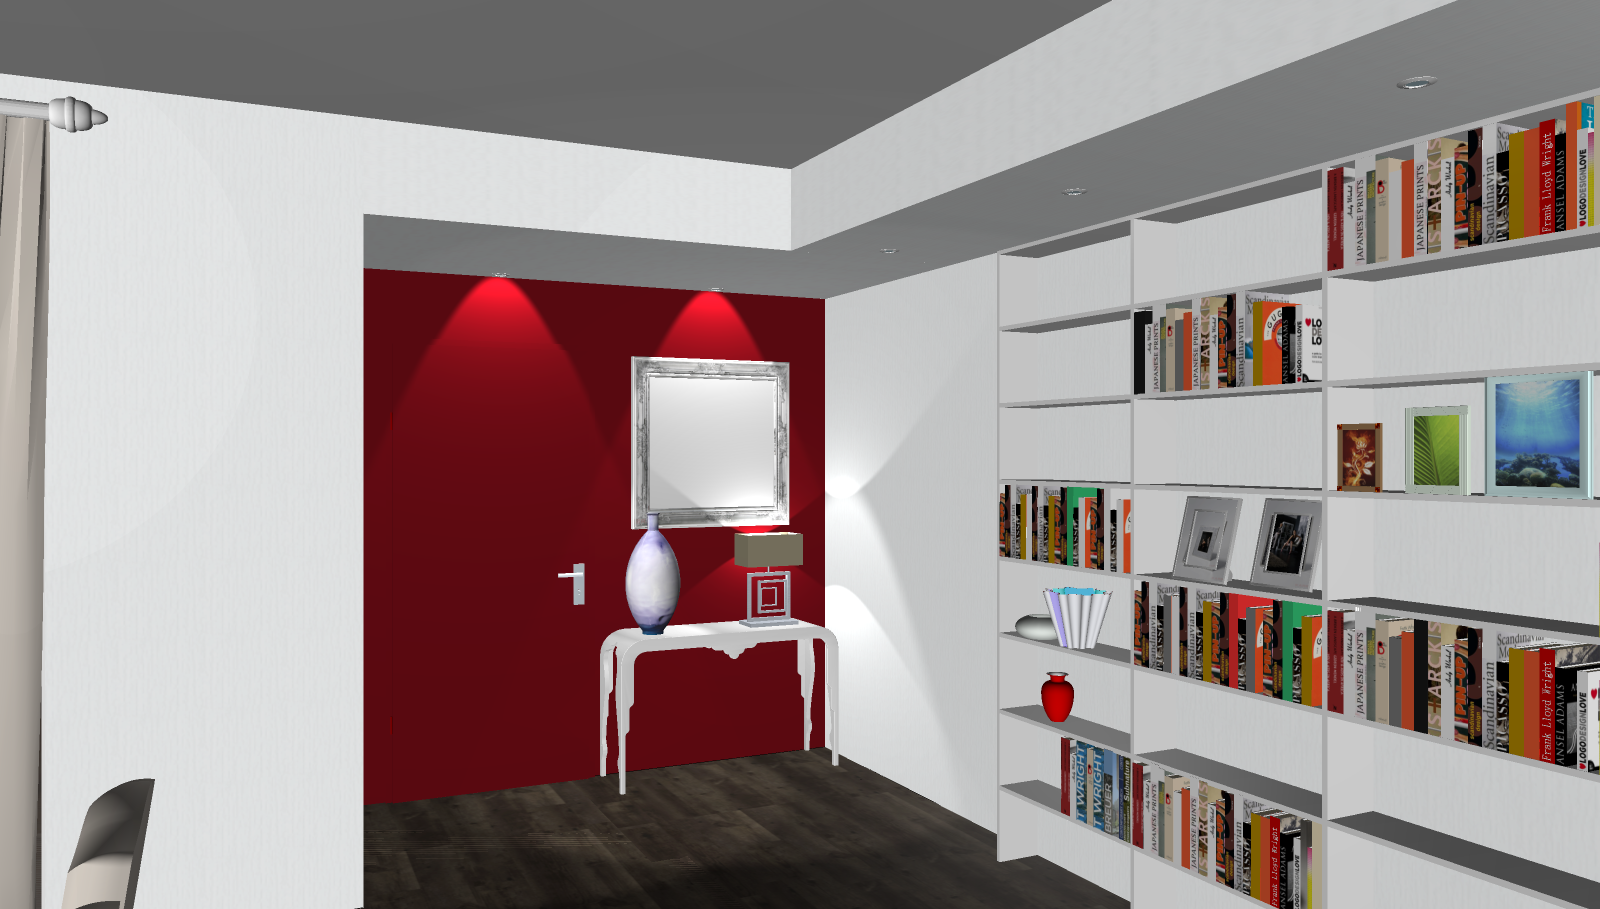 Faretti Soffitto Inclinato: Faretti led pendenti casa immobiliare accessori illuminazione a.